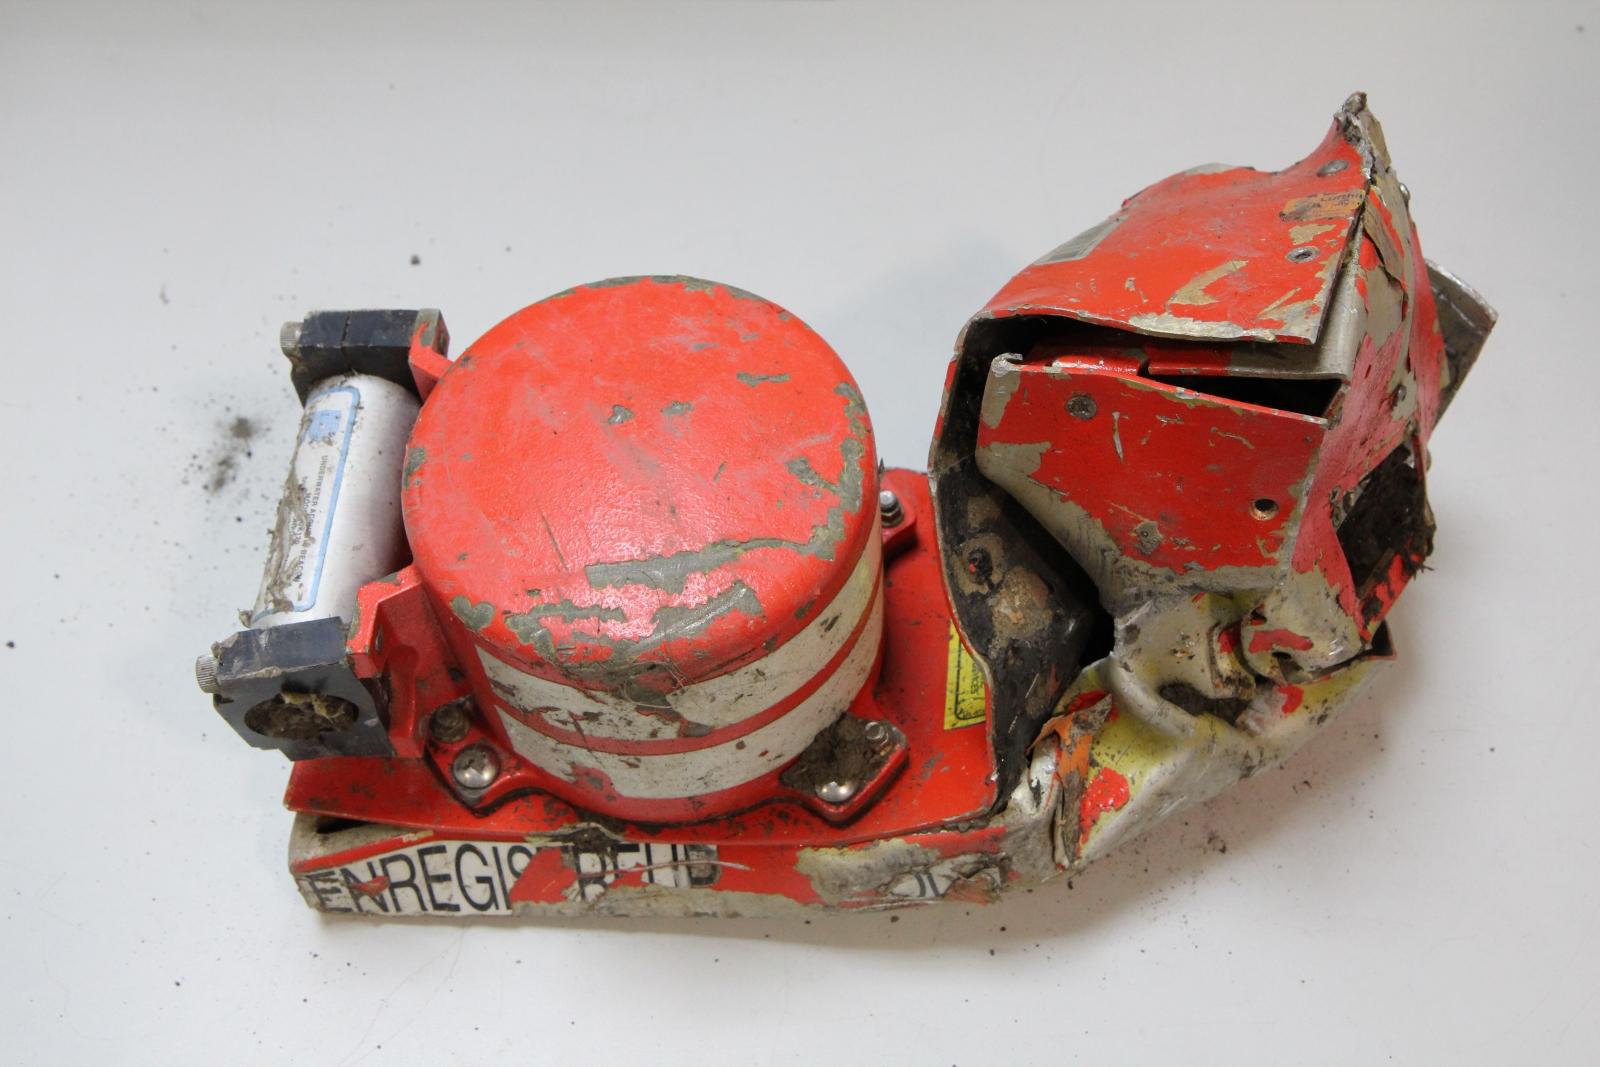 Germanwings black box 4U9525 plane crash